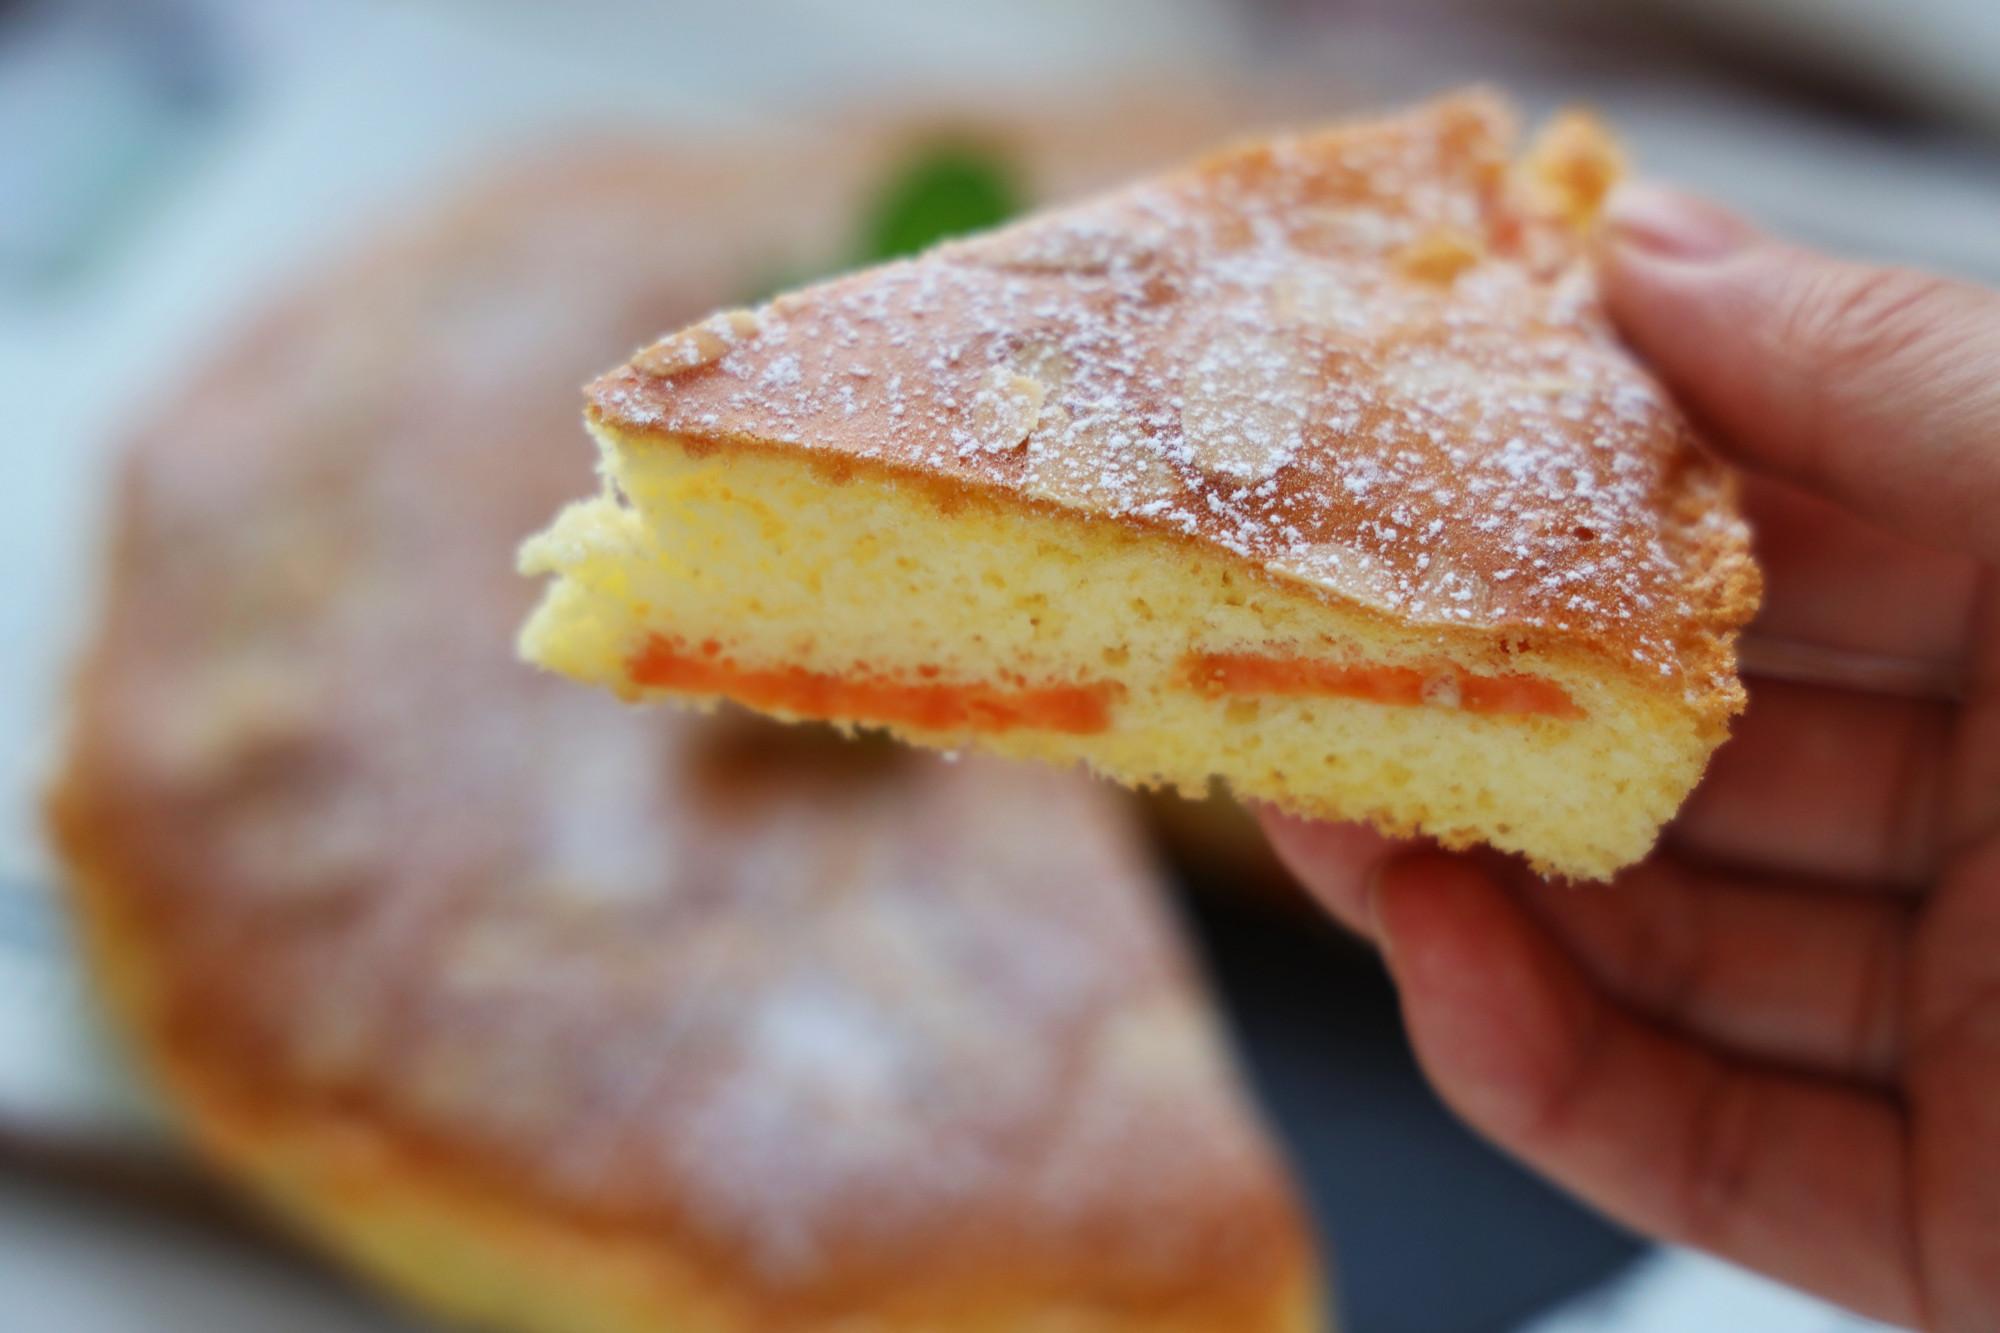 紅薯還可以這樣吃,既當甜點又當早餐,甜而不膩,外面買不到